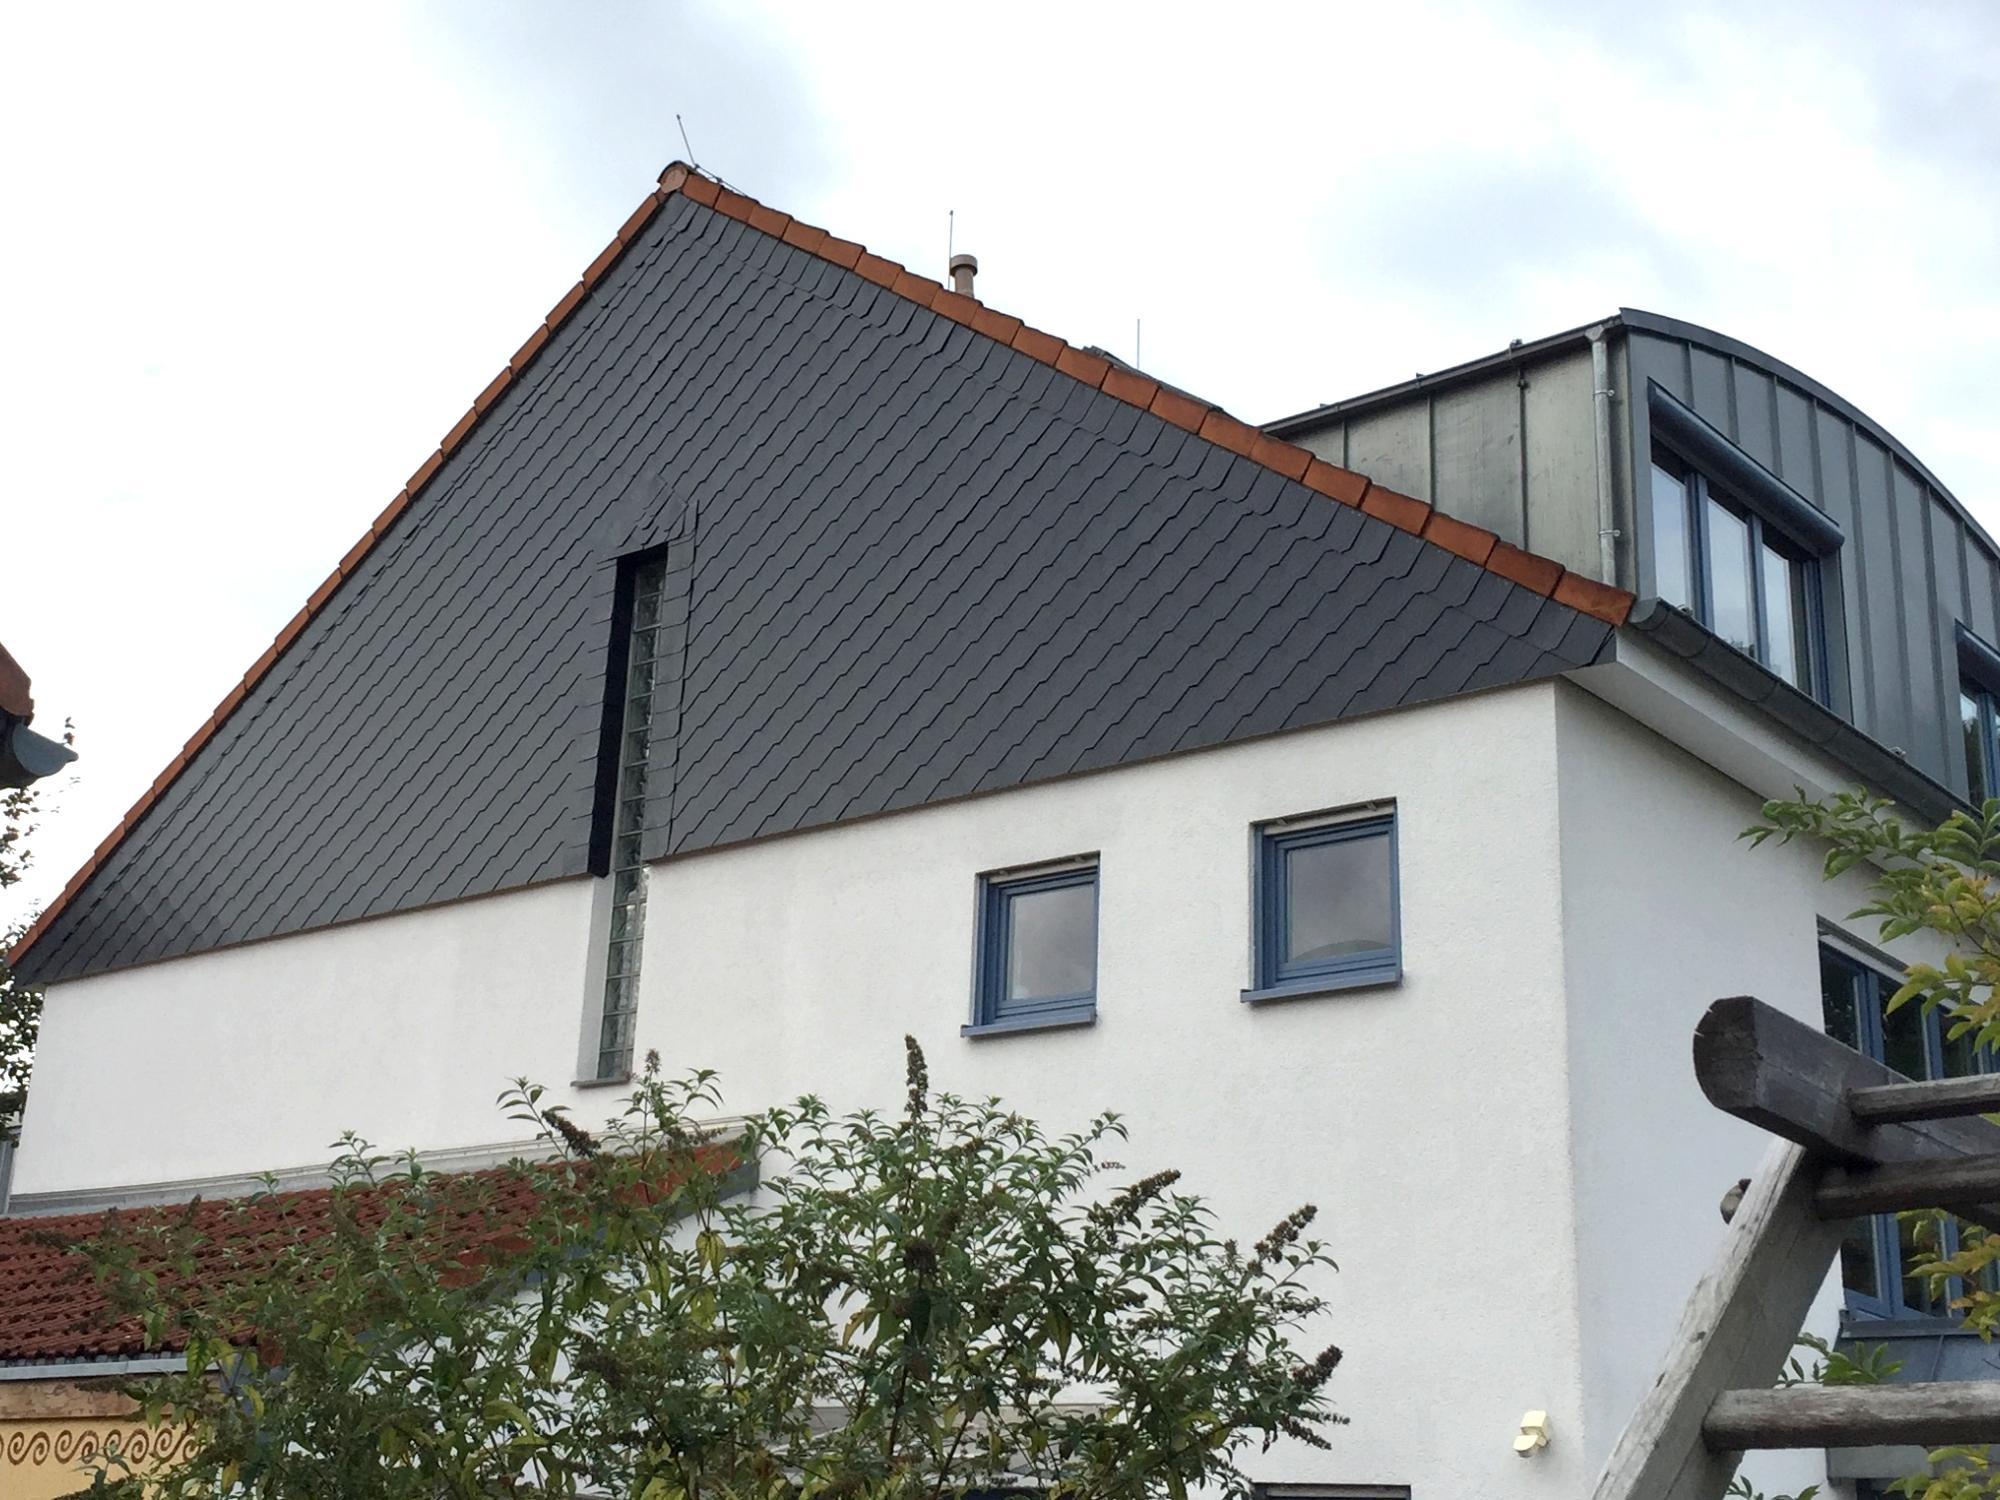 giebelwand eines hauses mit schwarzen schindeln gedeckt schindeln dachziegel fassadenplatten. Black Bedroom Furniture Sets. Home Design Ideas